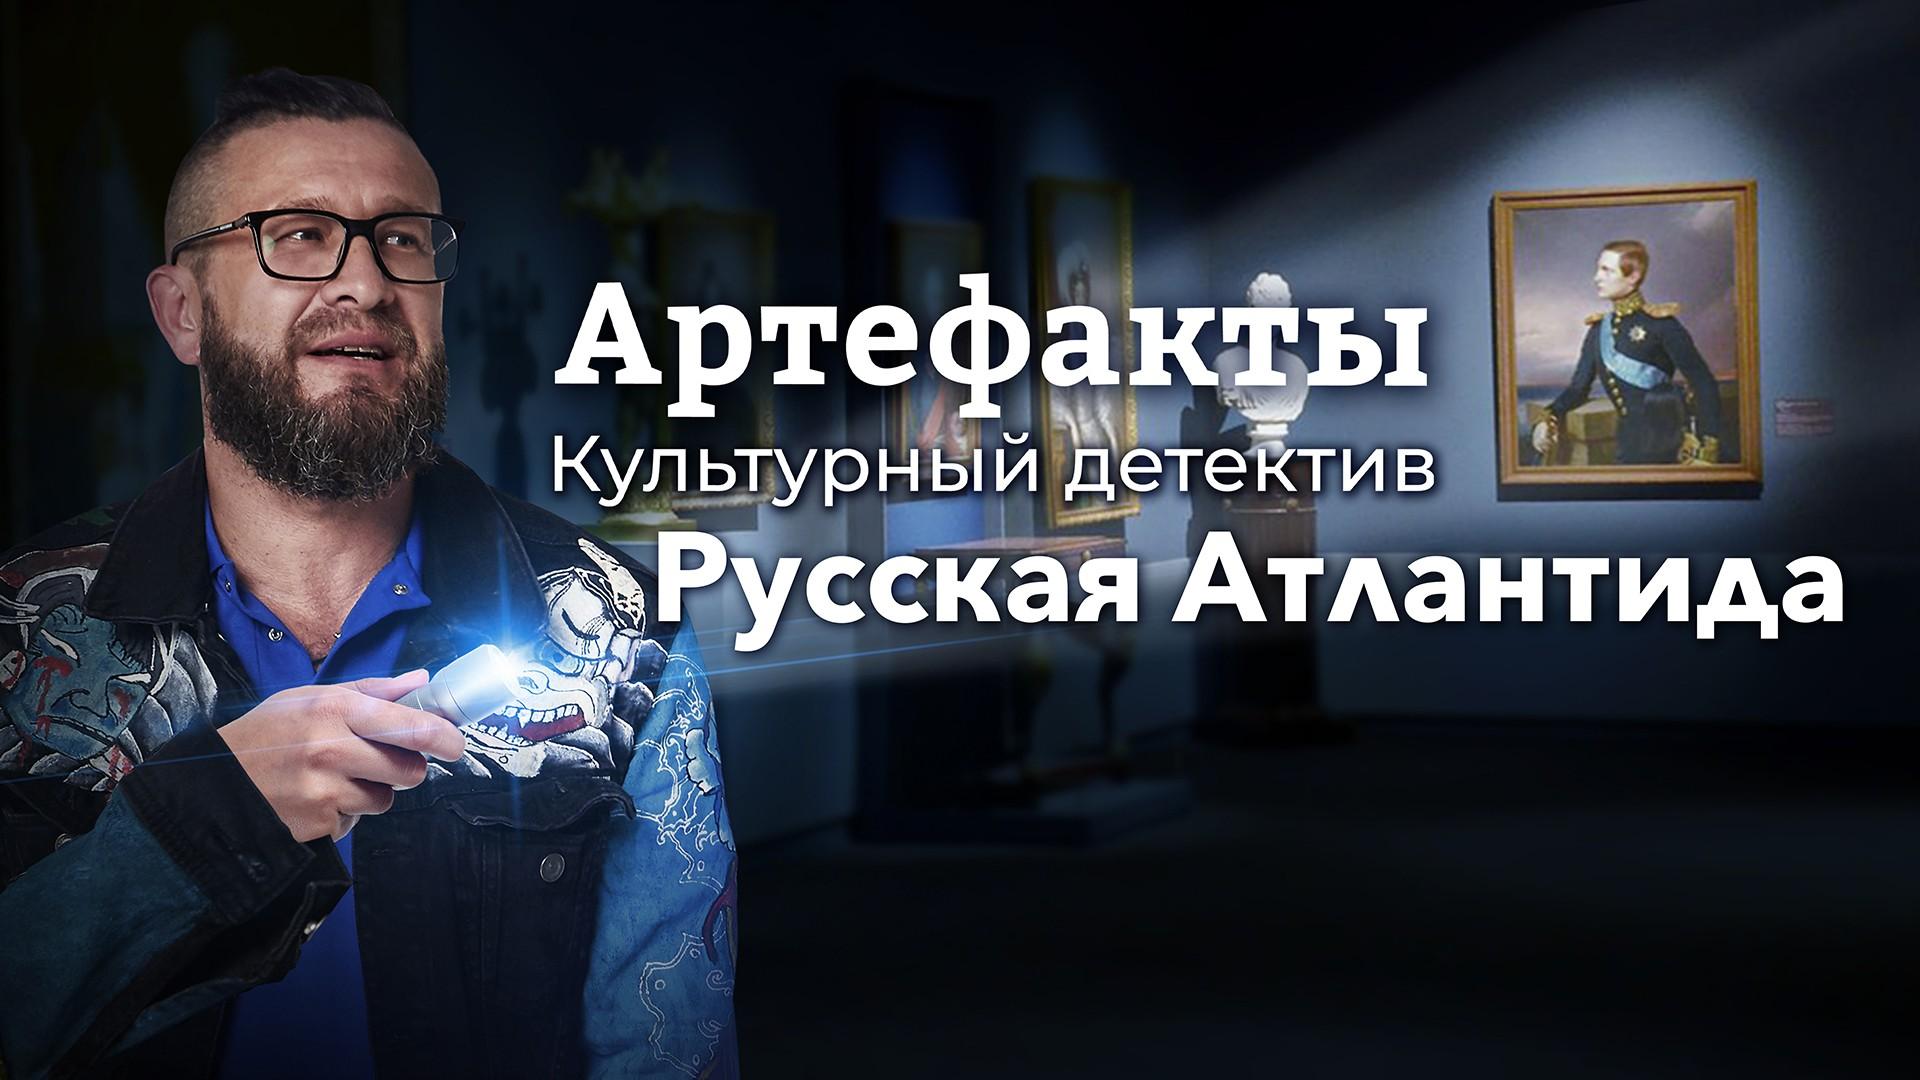 Артефакты. Культурный детектив. Русская Атлантида